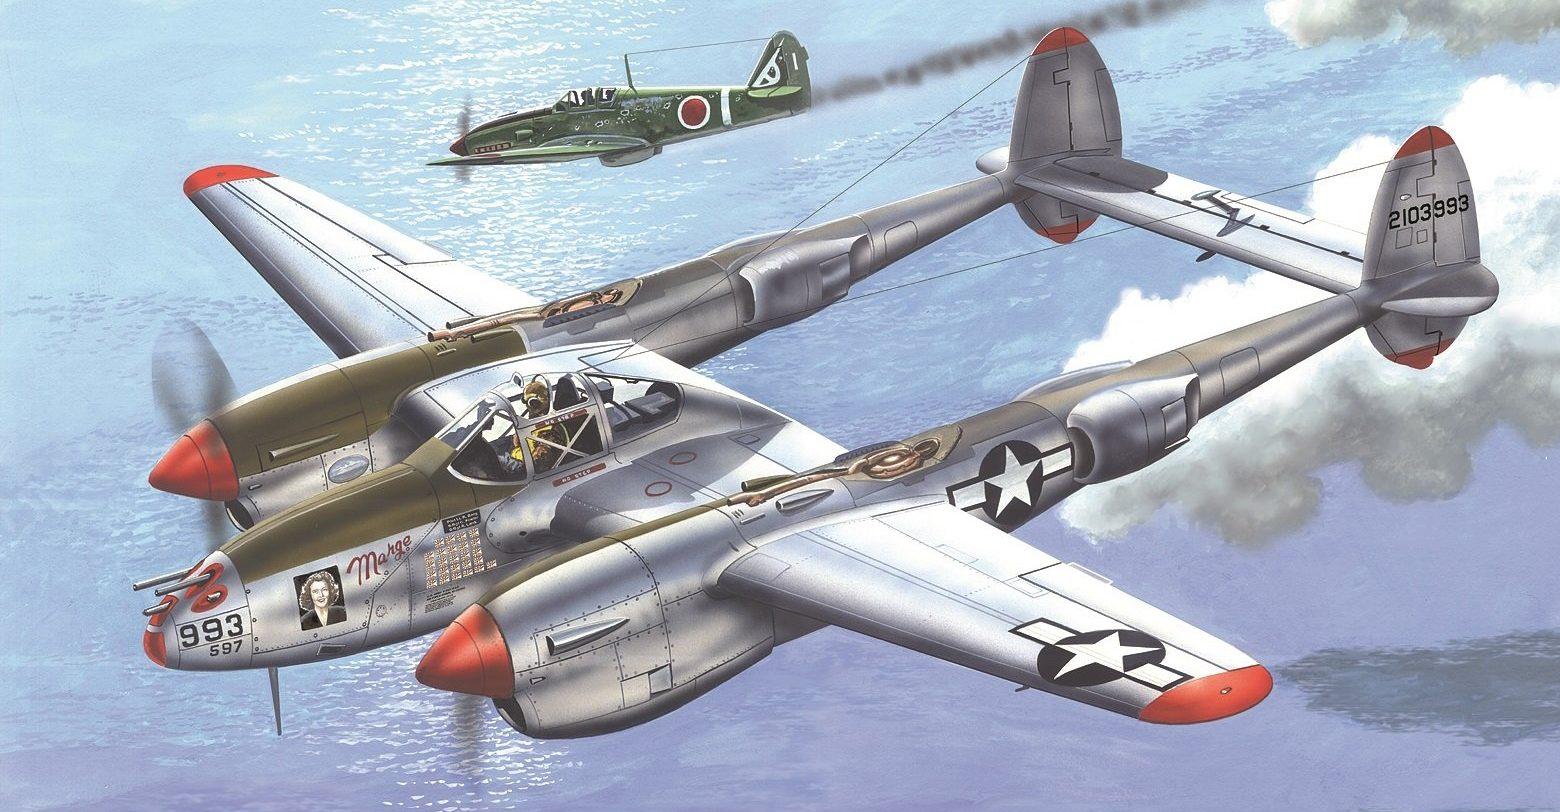 Greer Don. Истребитель P-38.